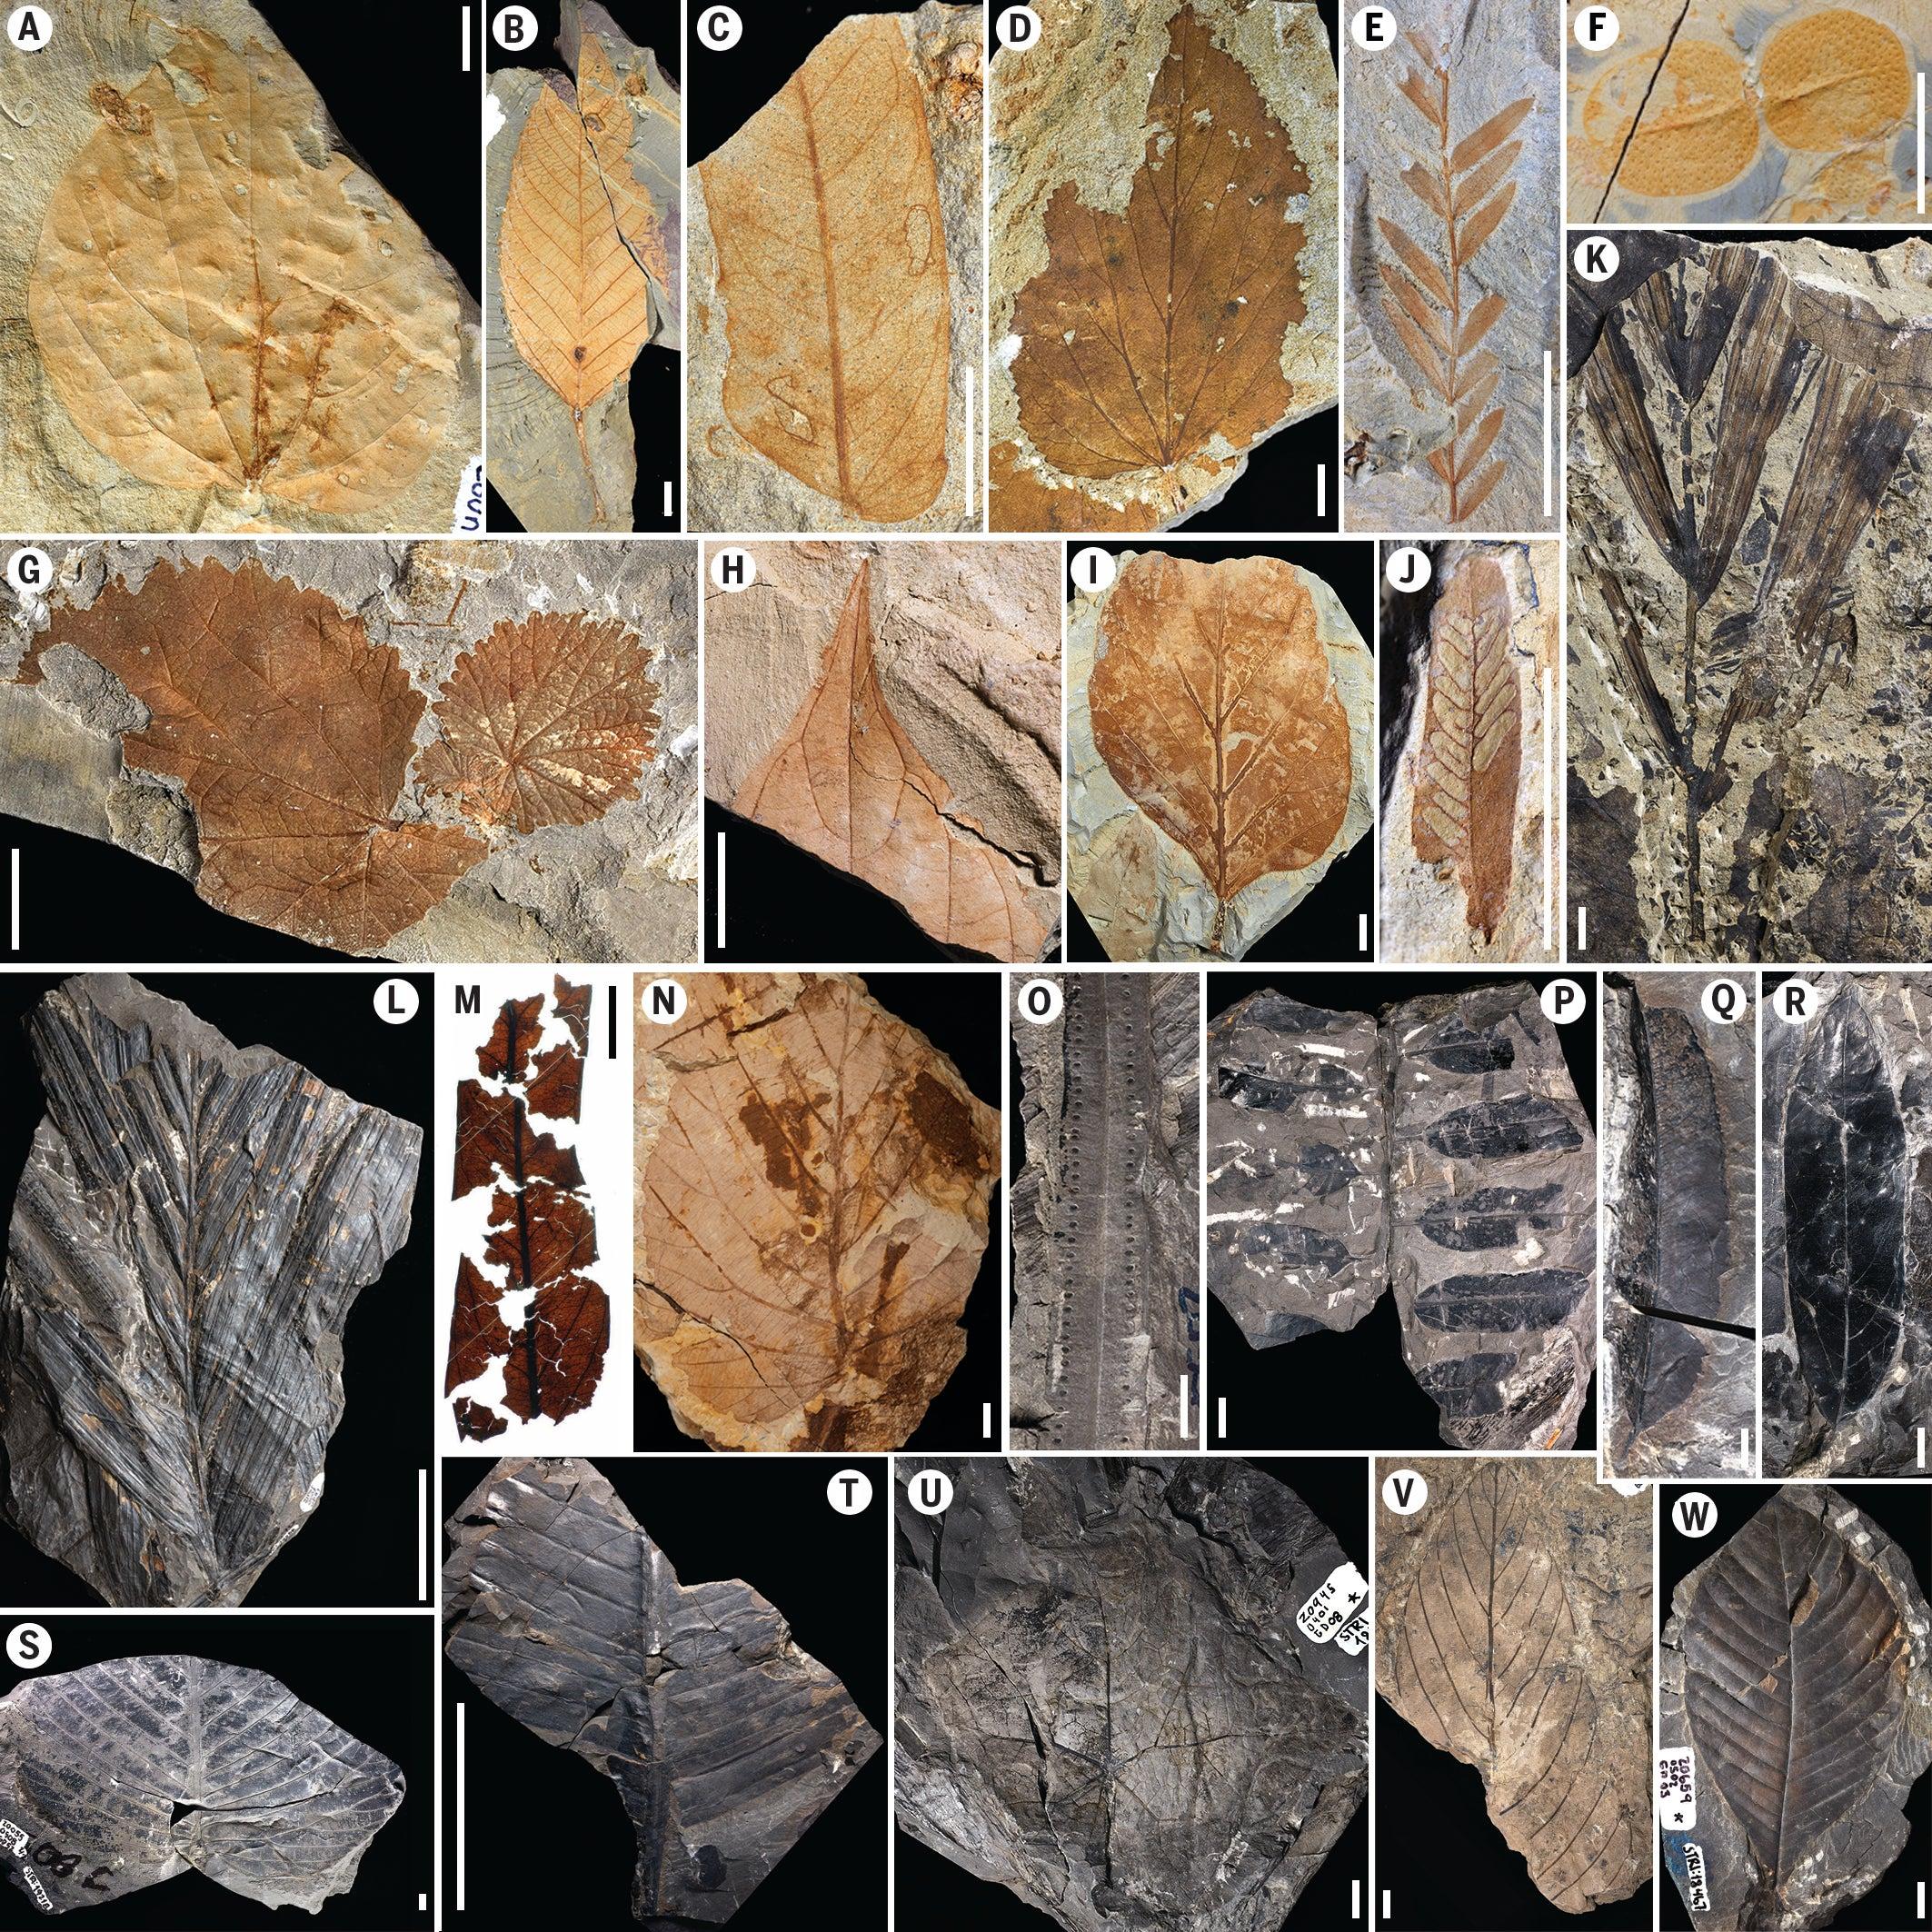 Gambar 1 Fosil Tumbuhan yang Tercetak di Batu